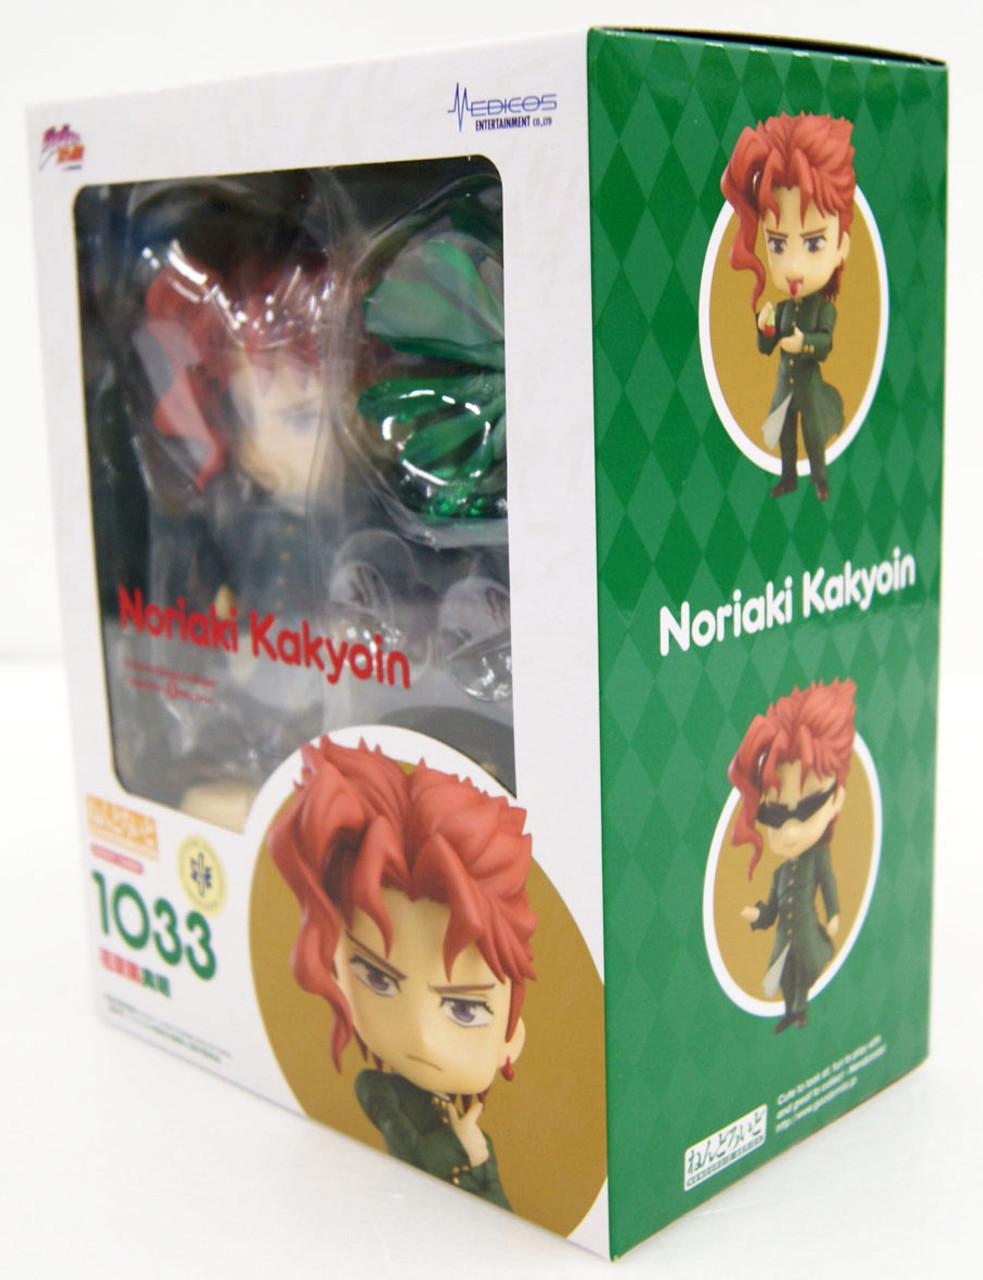 Medicos Entertainment Nendoroid 1033 JoJo/'s Bizarre Adventure Noriaki Kakyoin